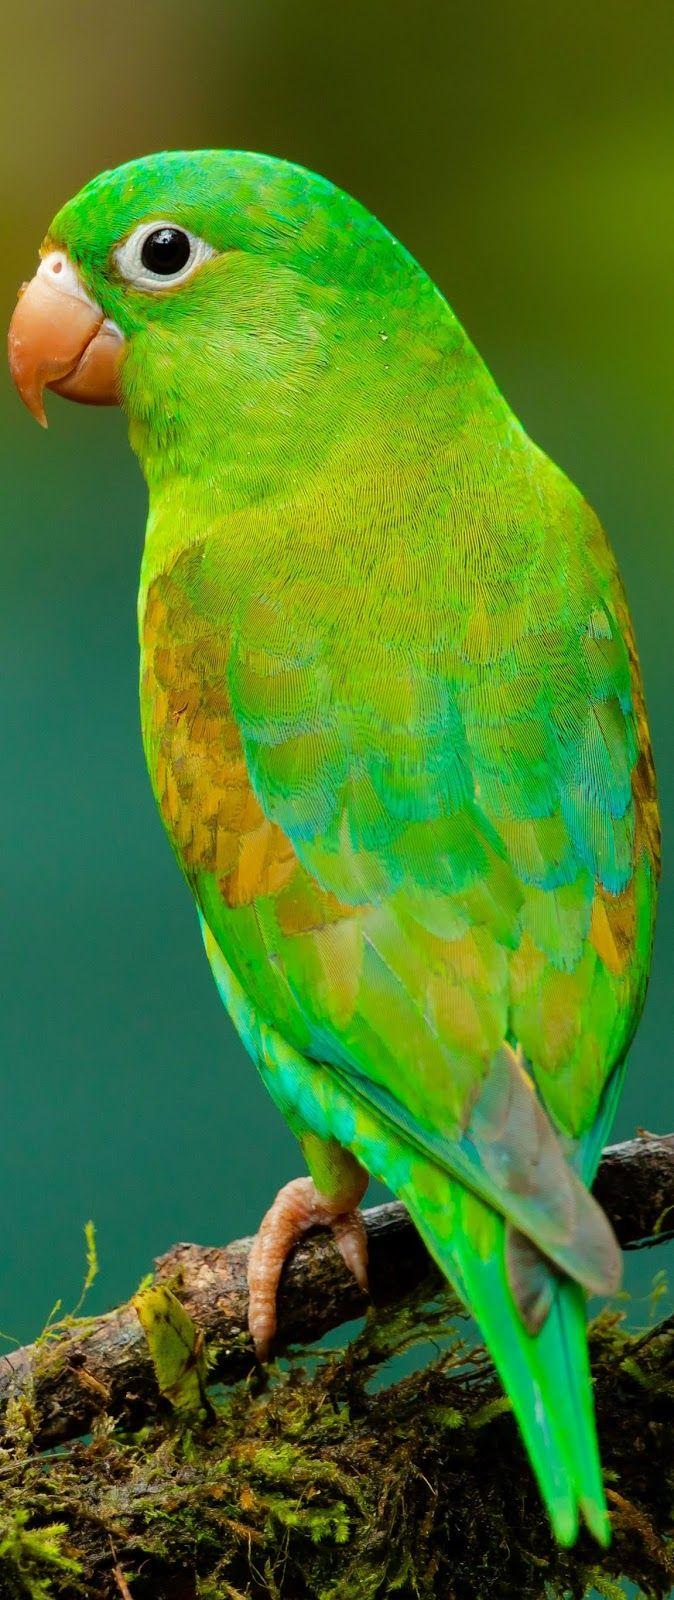 Beautiful green parrot. #Birds #PetBirds #ExoticBirds #Parrot